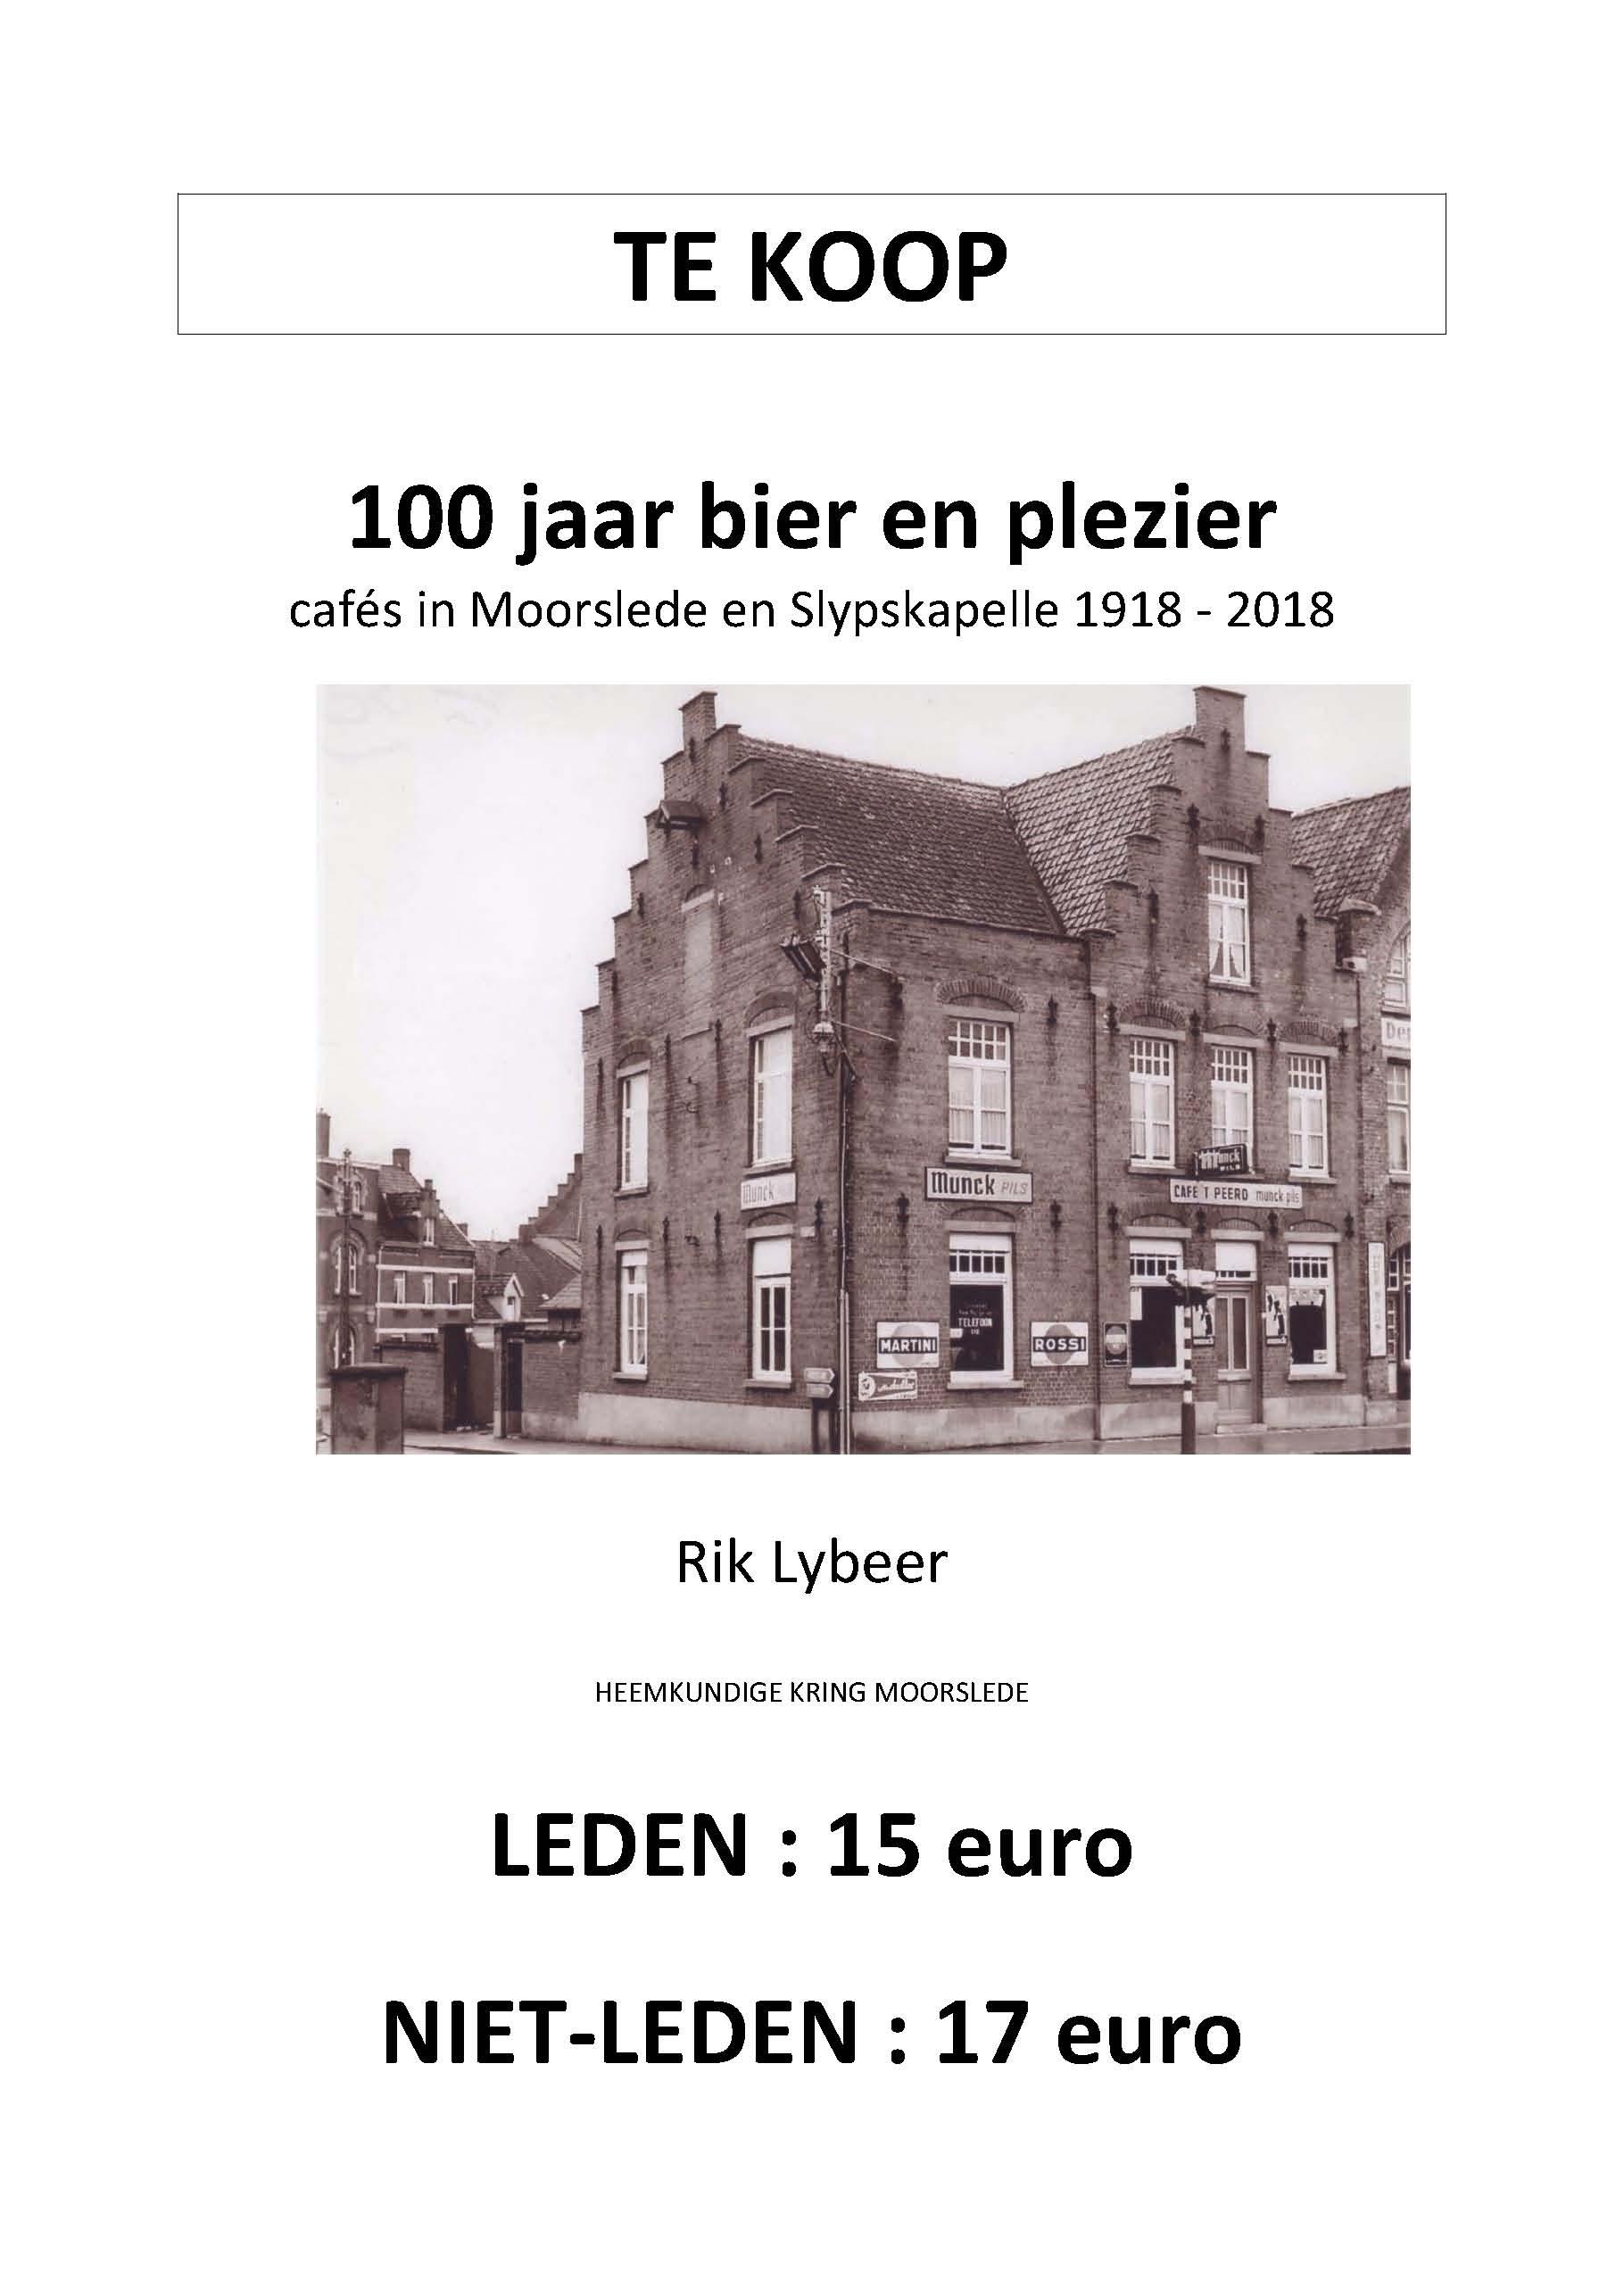 cafés in Moorslede en Slypskapelle 1918-2018